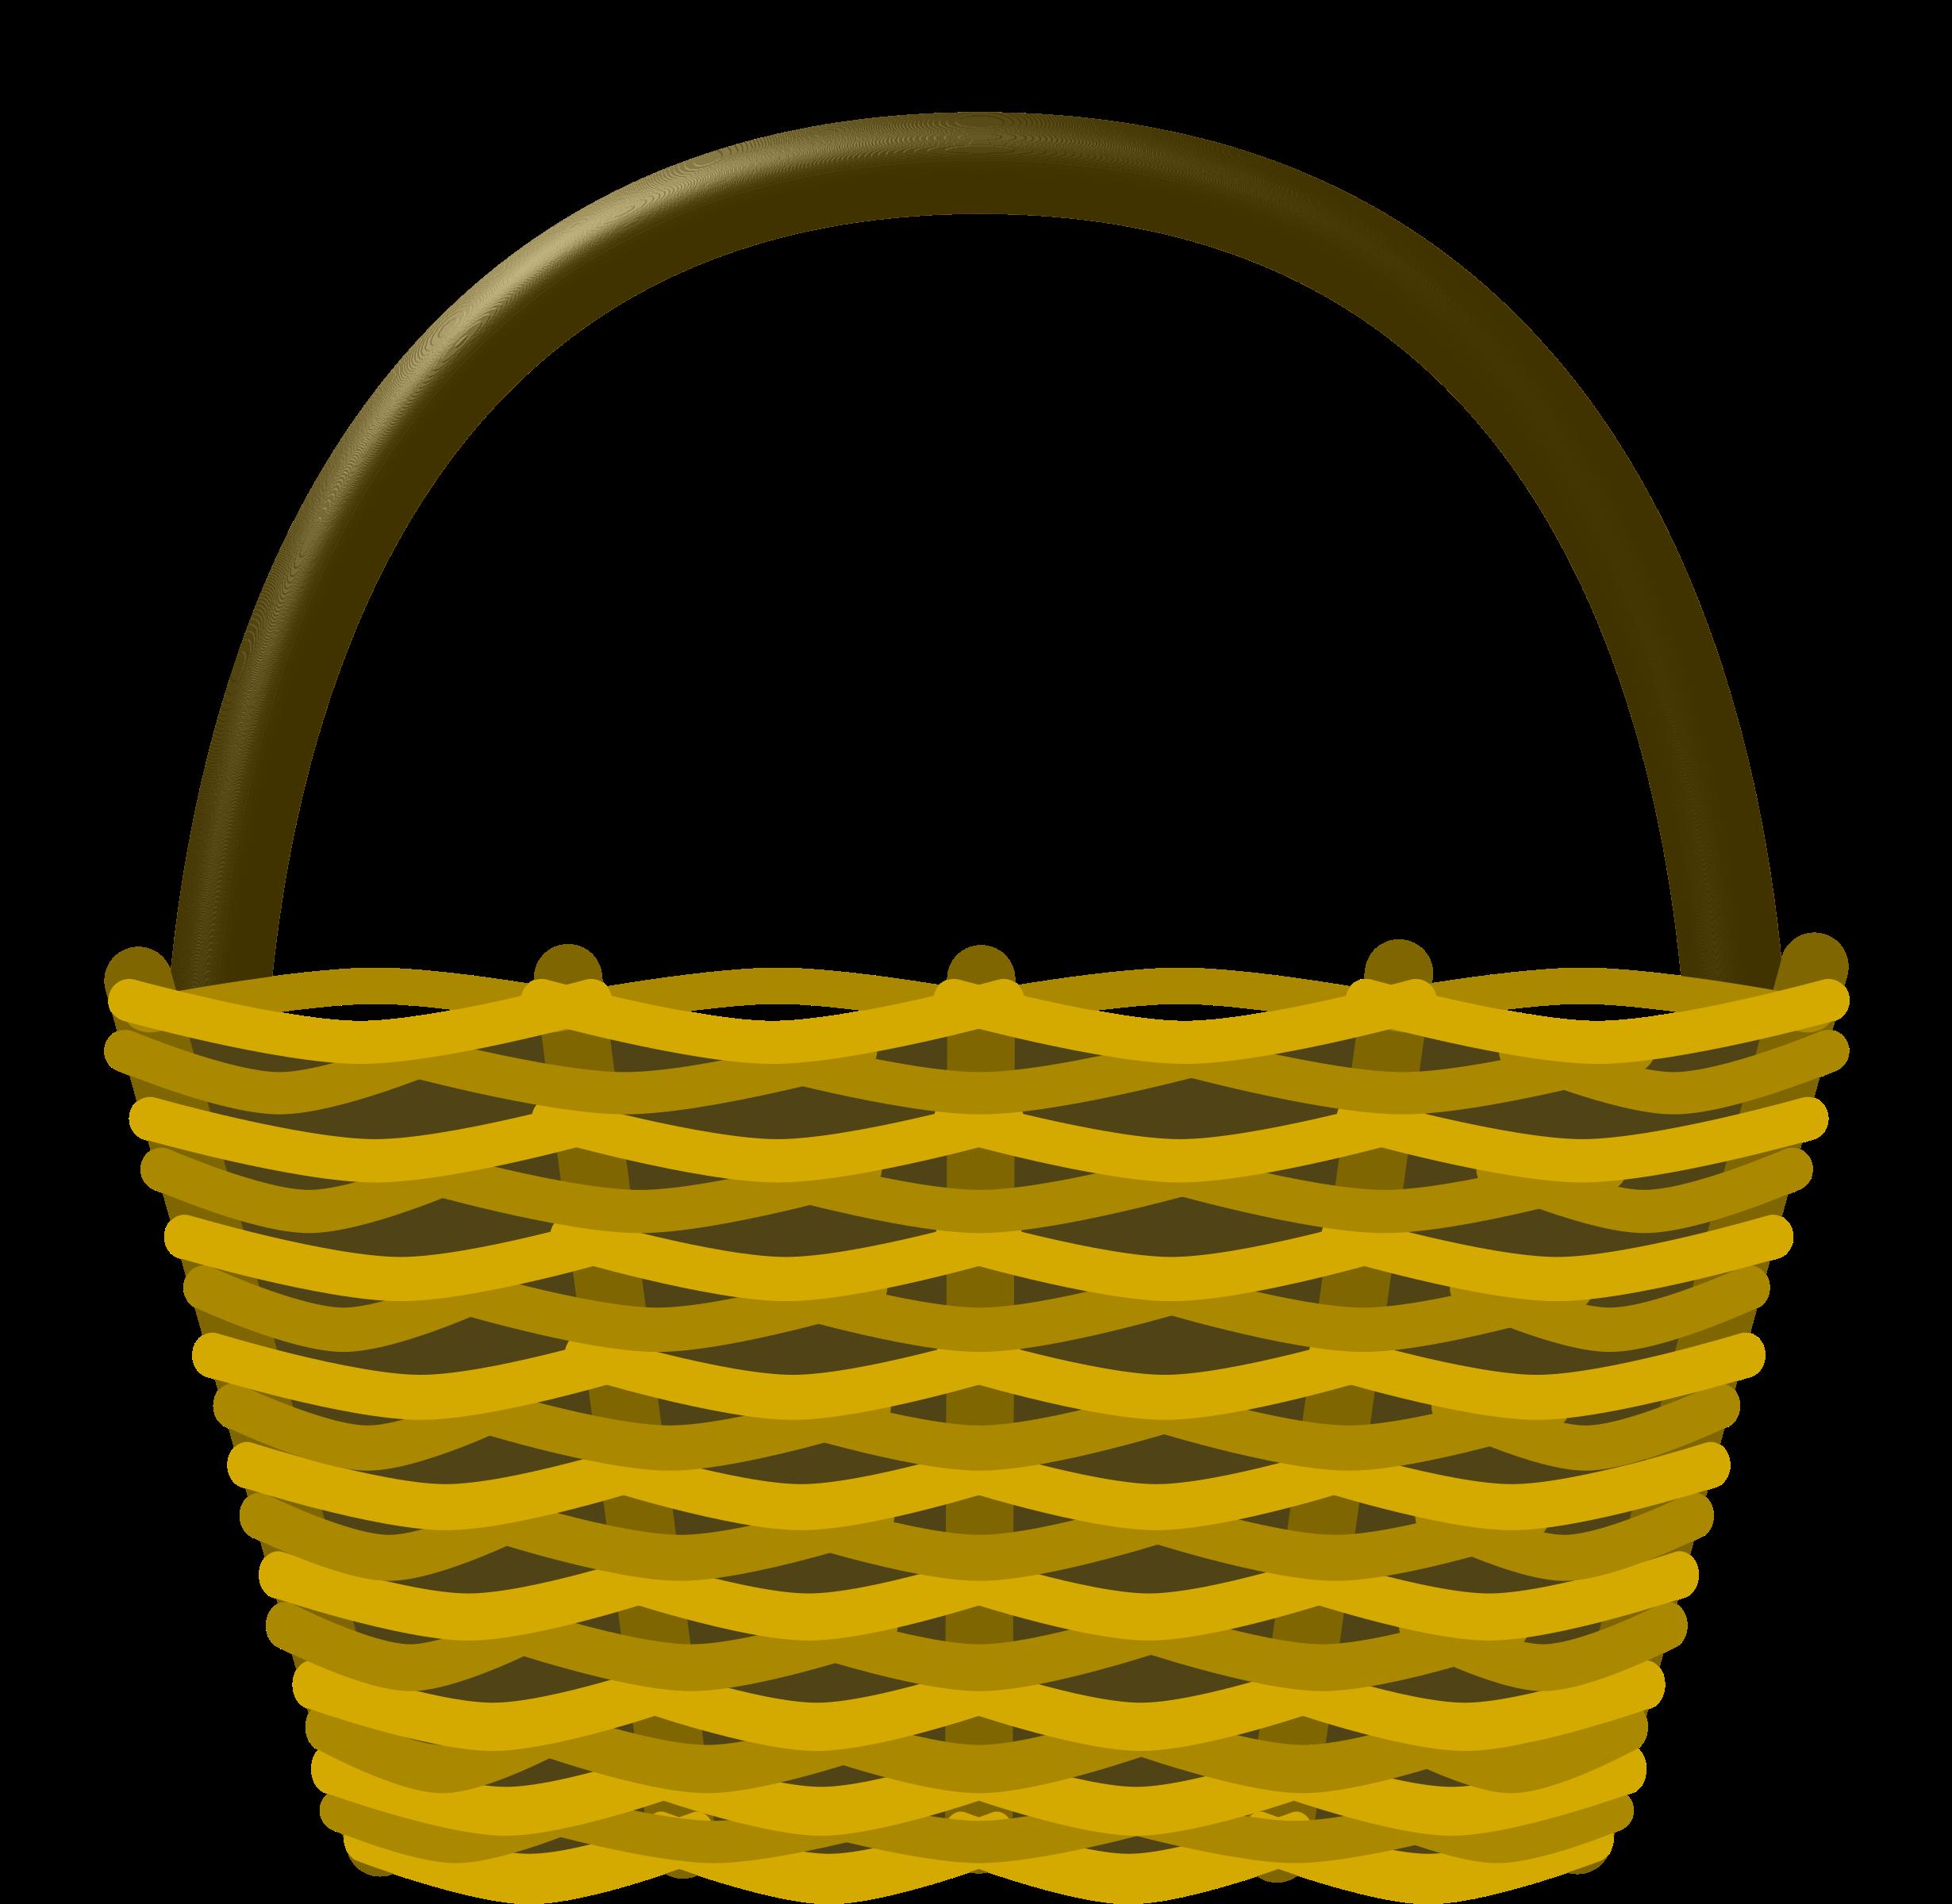 2460x2400 Basket Clipart